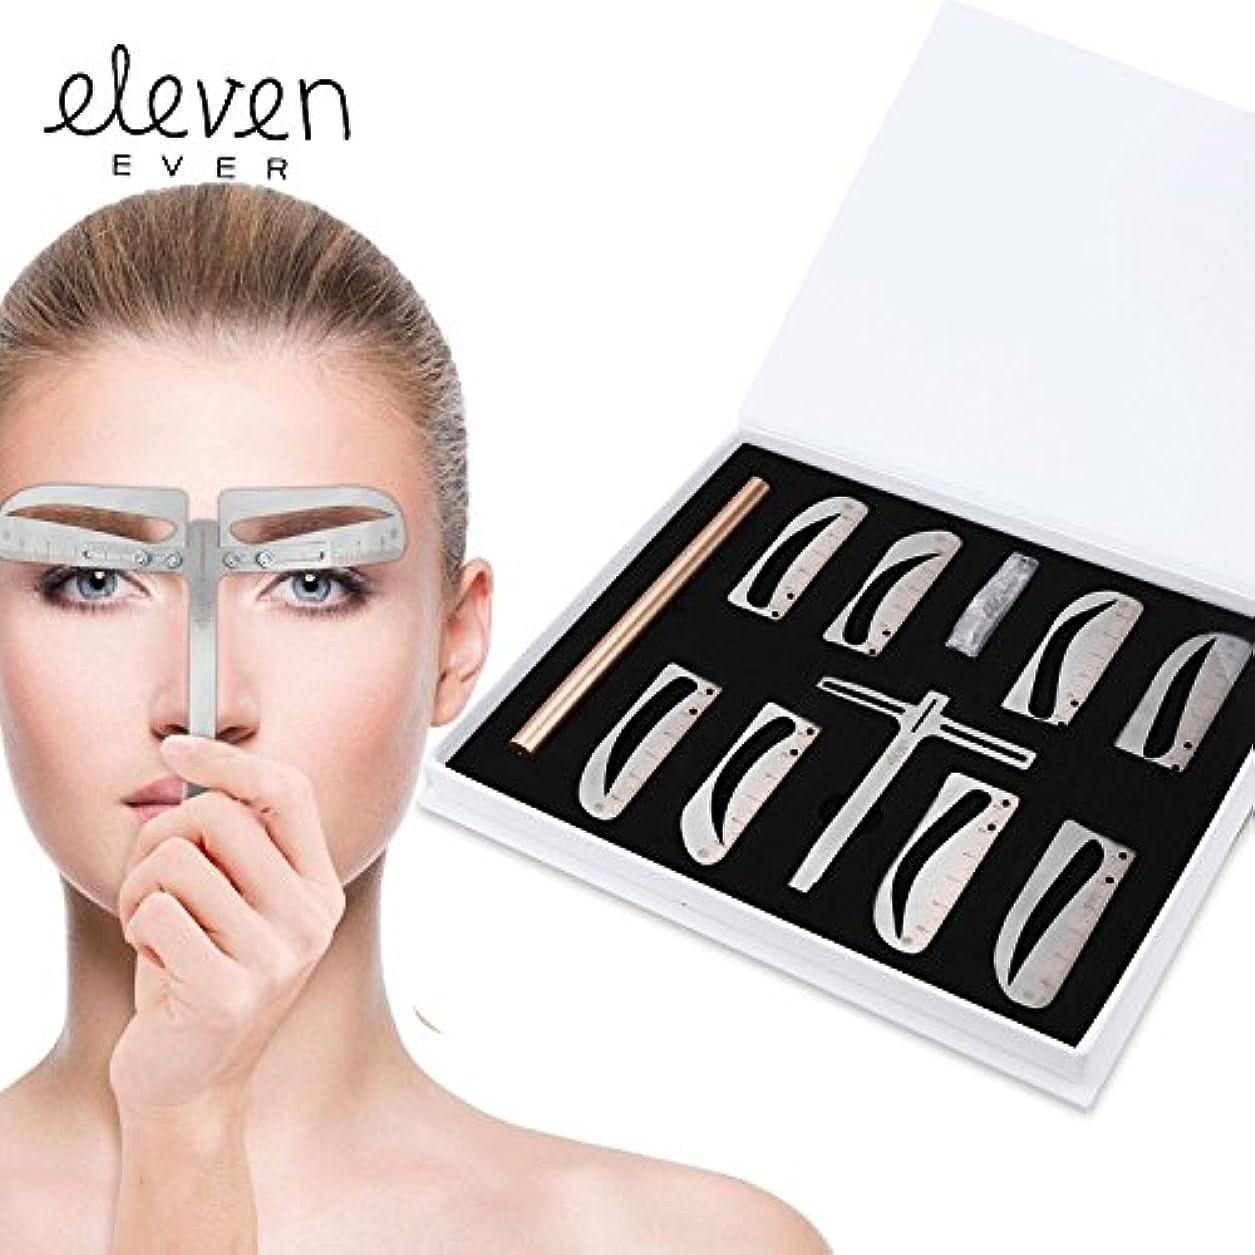 ELEVEN EVER アイブロールーラーキット - 4つのグループアイブローステンシルとアイブローペンシルパーマネントメイクツールを含みます …